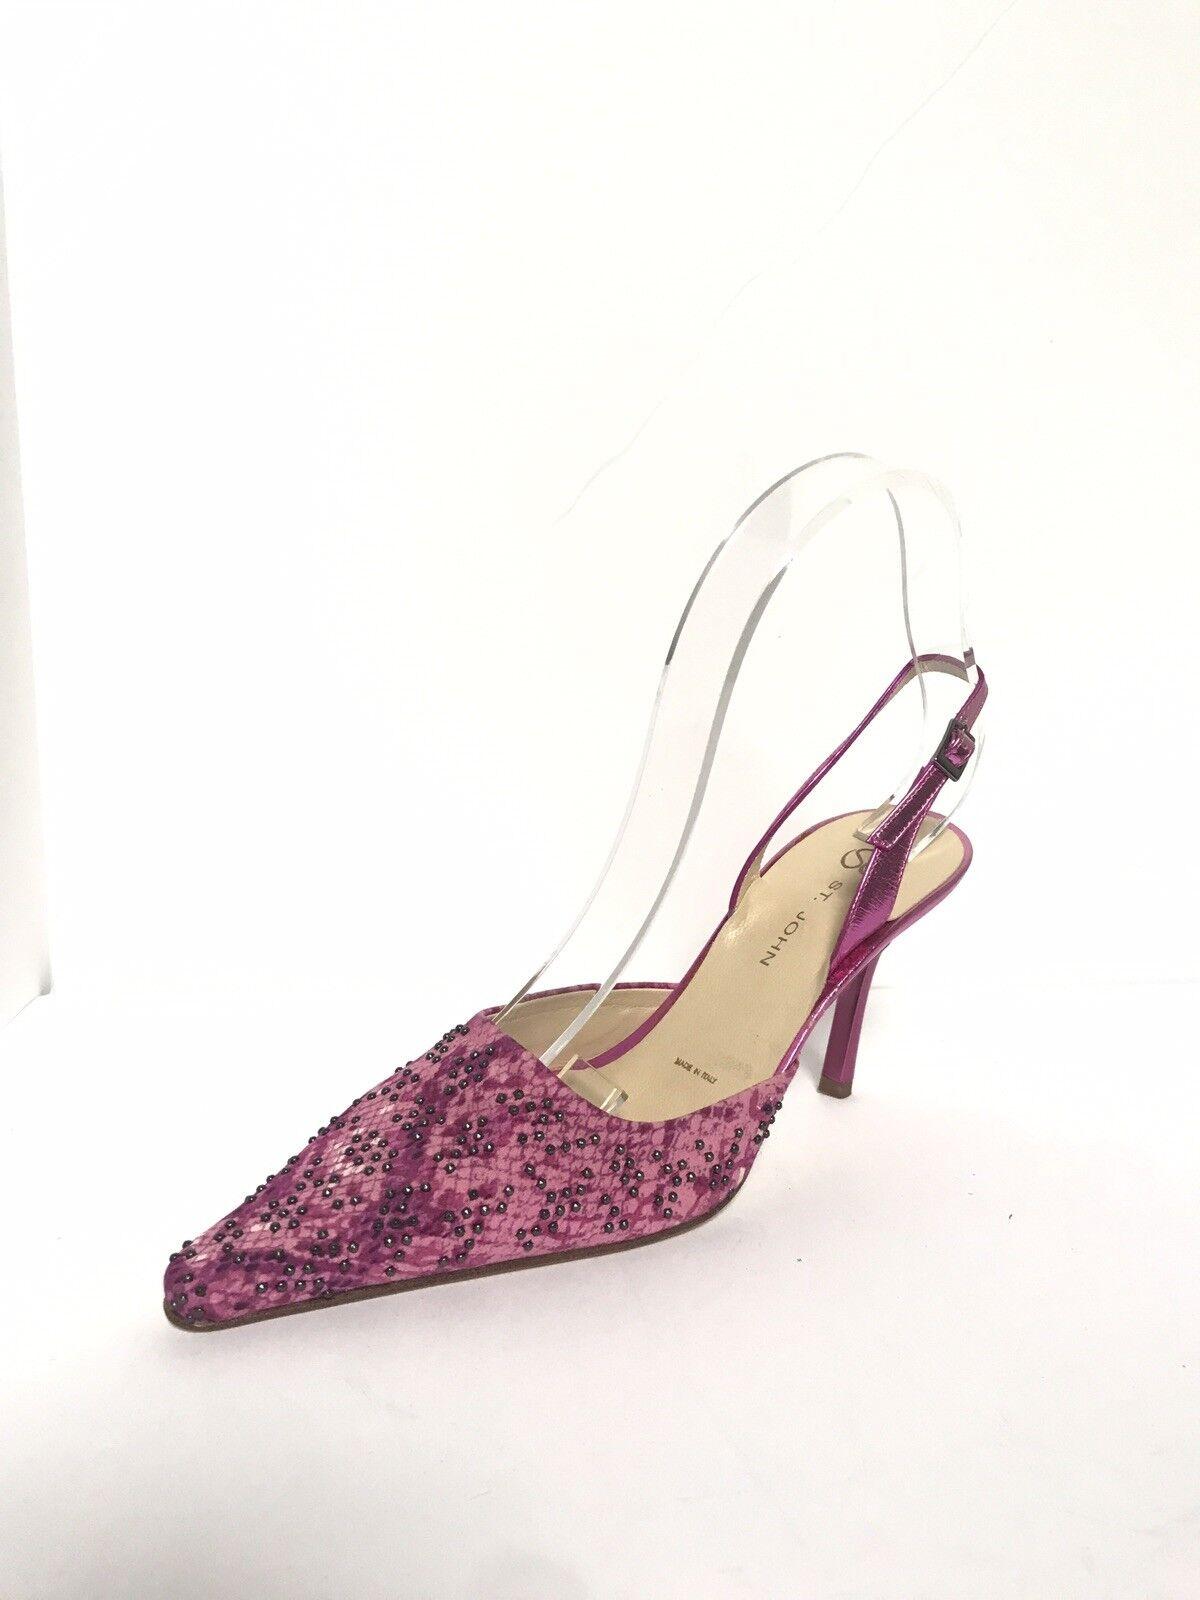 St John Black Paillettes Embellished Pointed Toe Sling Back Pumps shoes 6 B